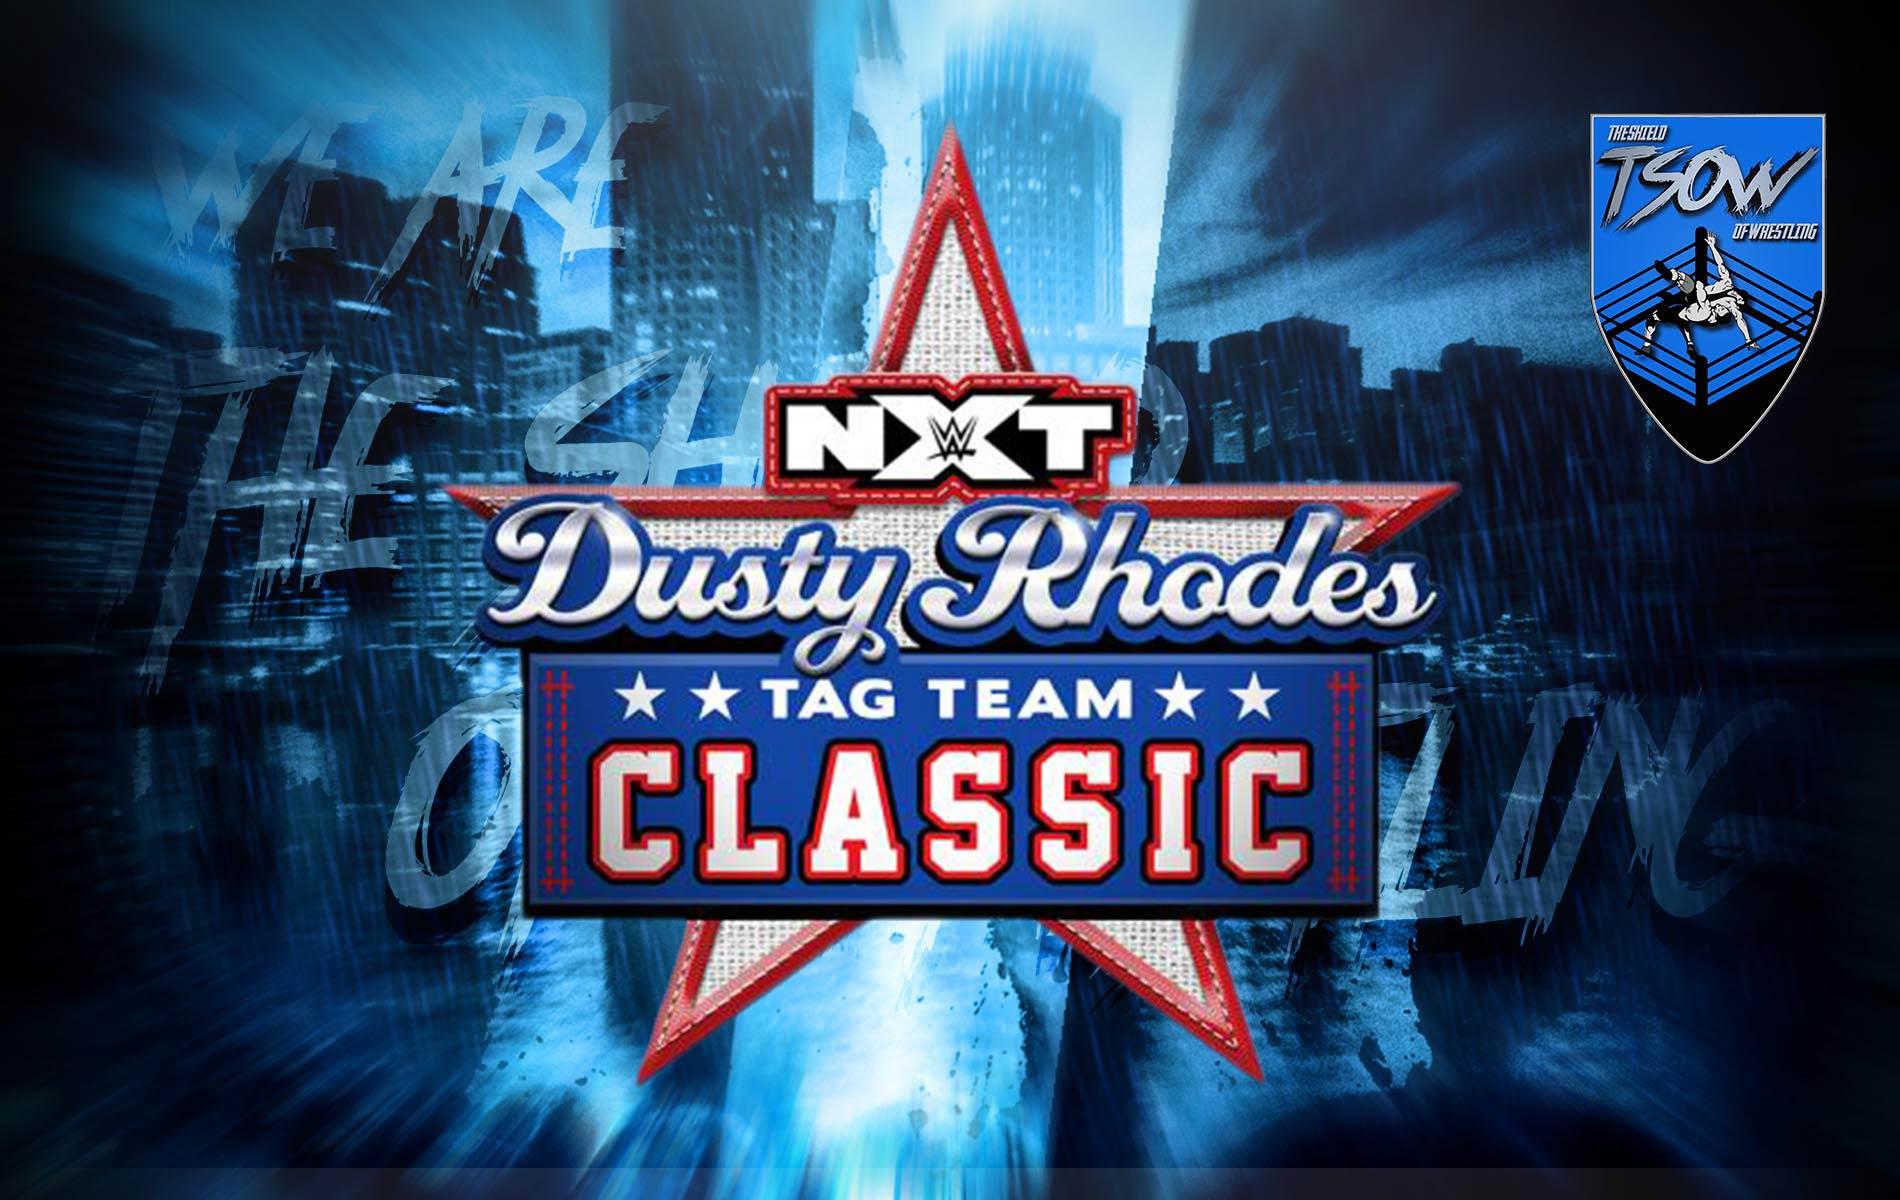 The Rascalz debuttano a NXT con il nome di MSK